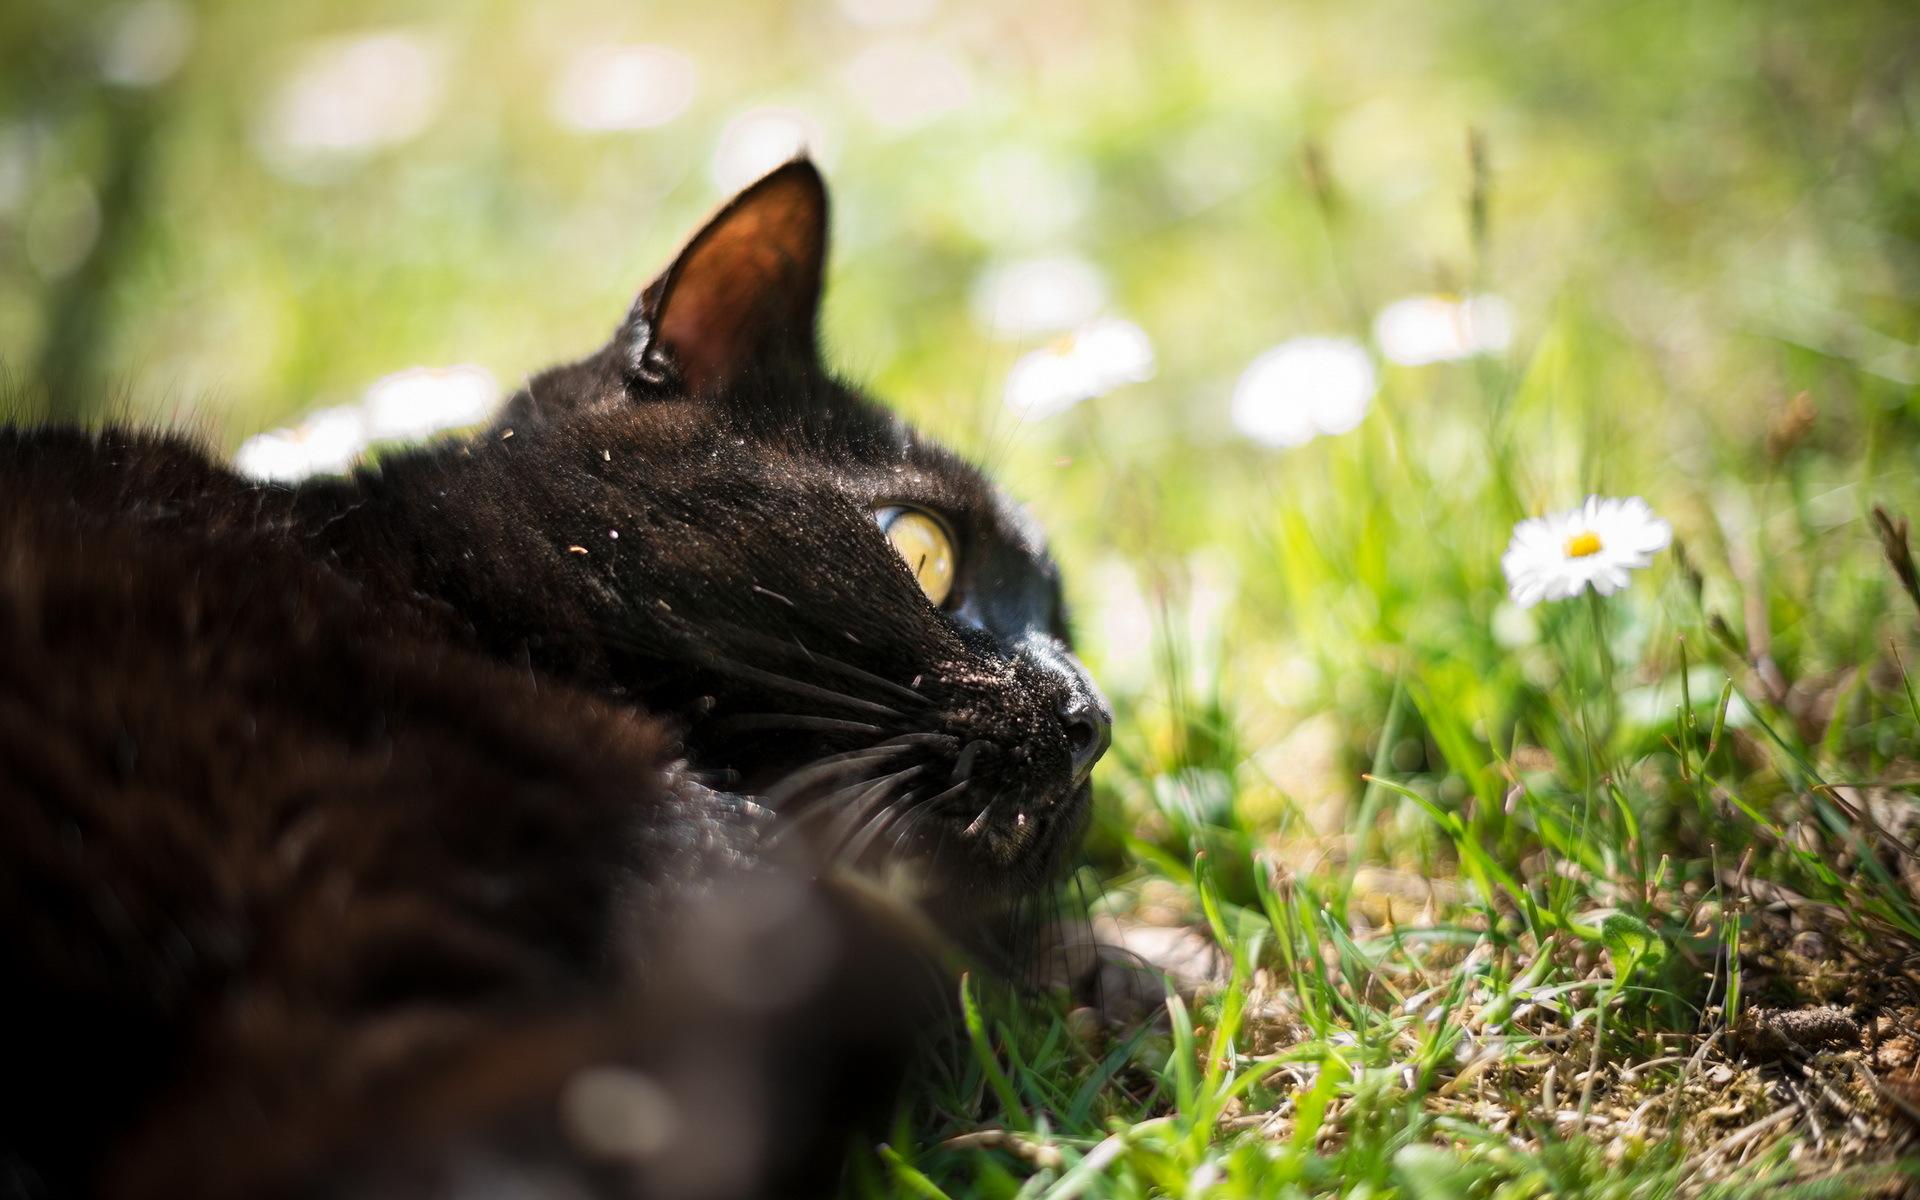 природа животные кот котенок черный  № 654362 загрузить